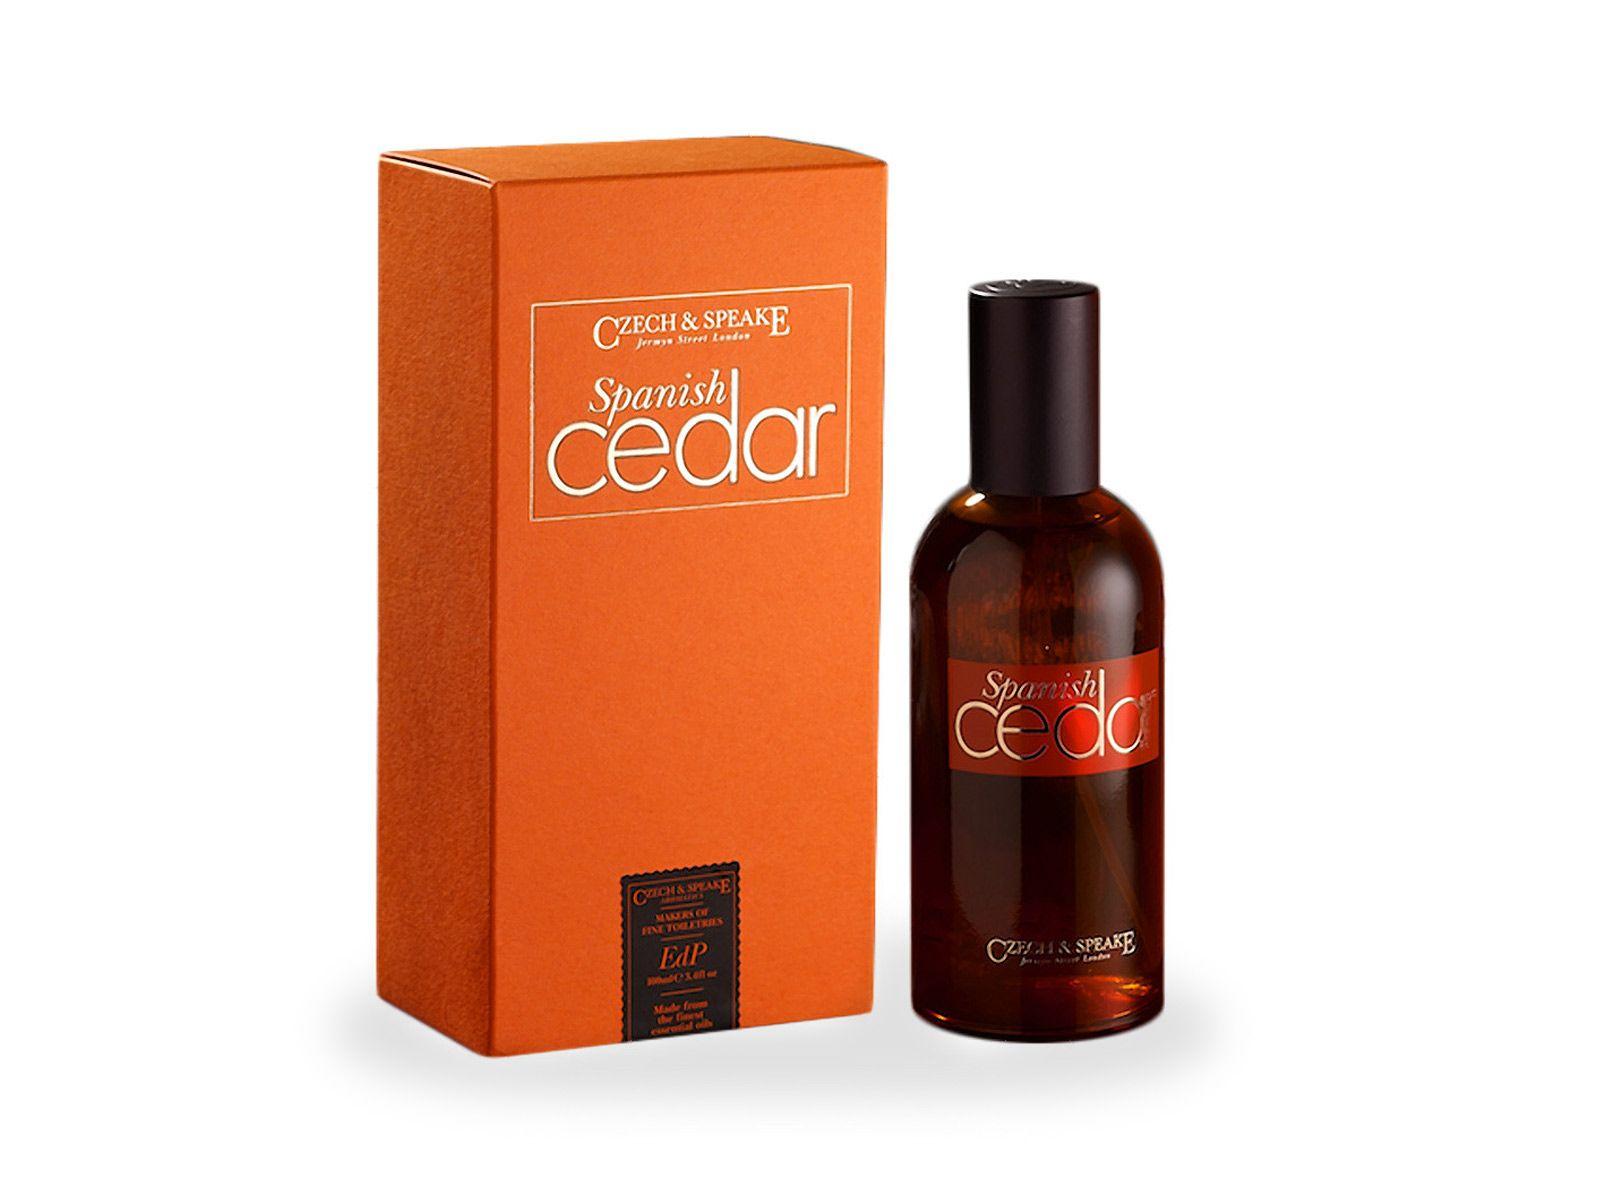 Czech & Speake Spanish Cedar (zdjęcie Czech & Speake)